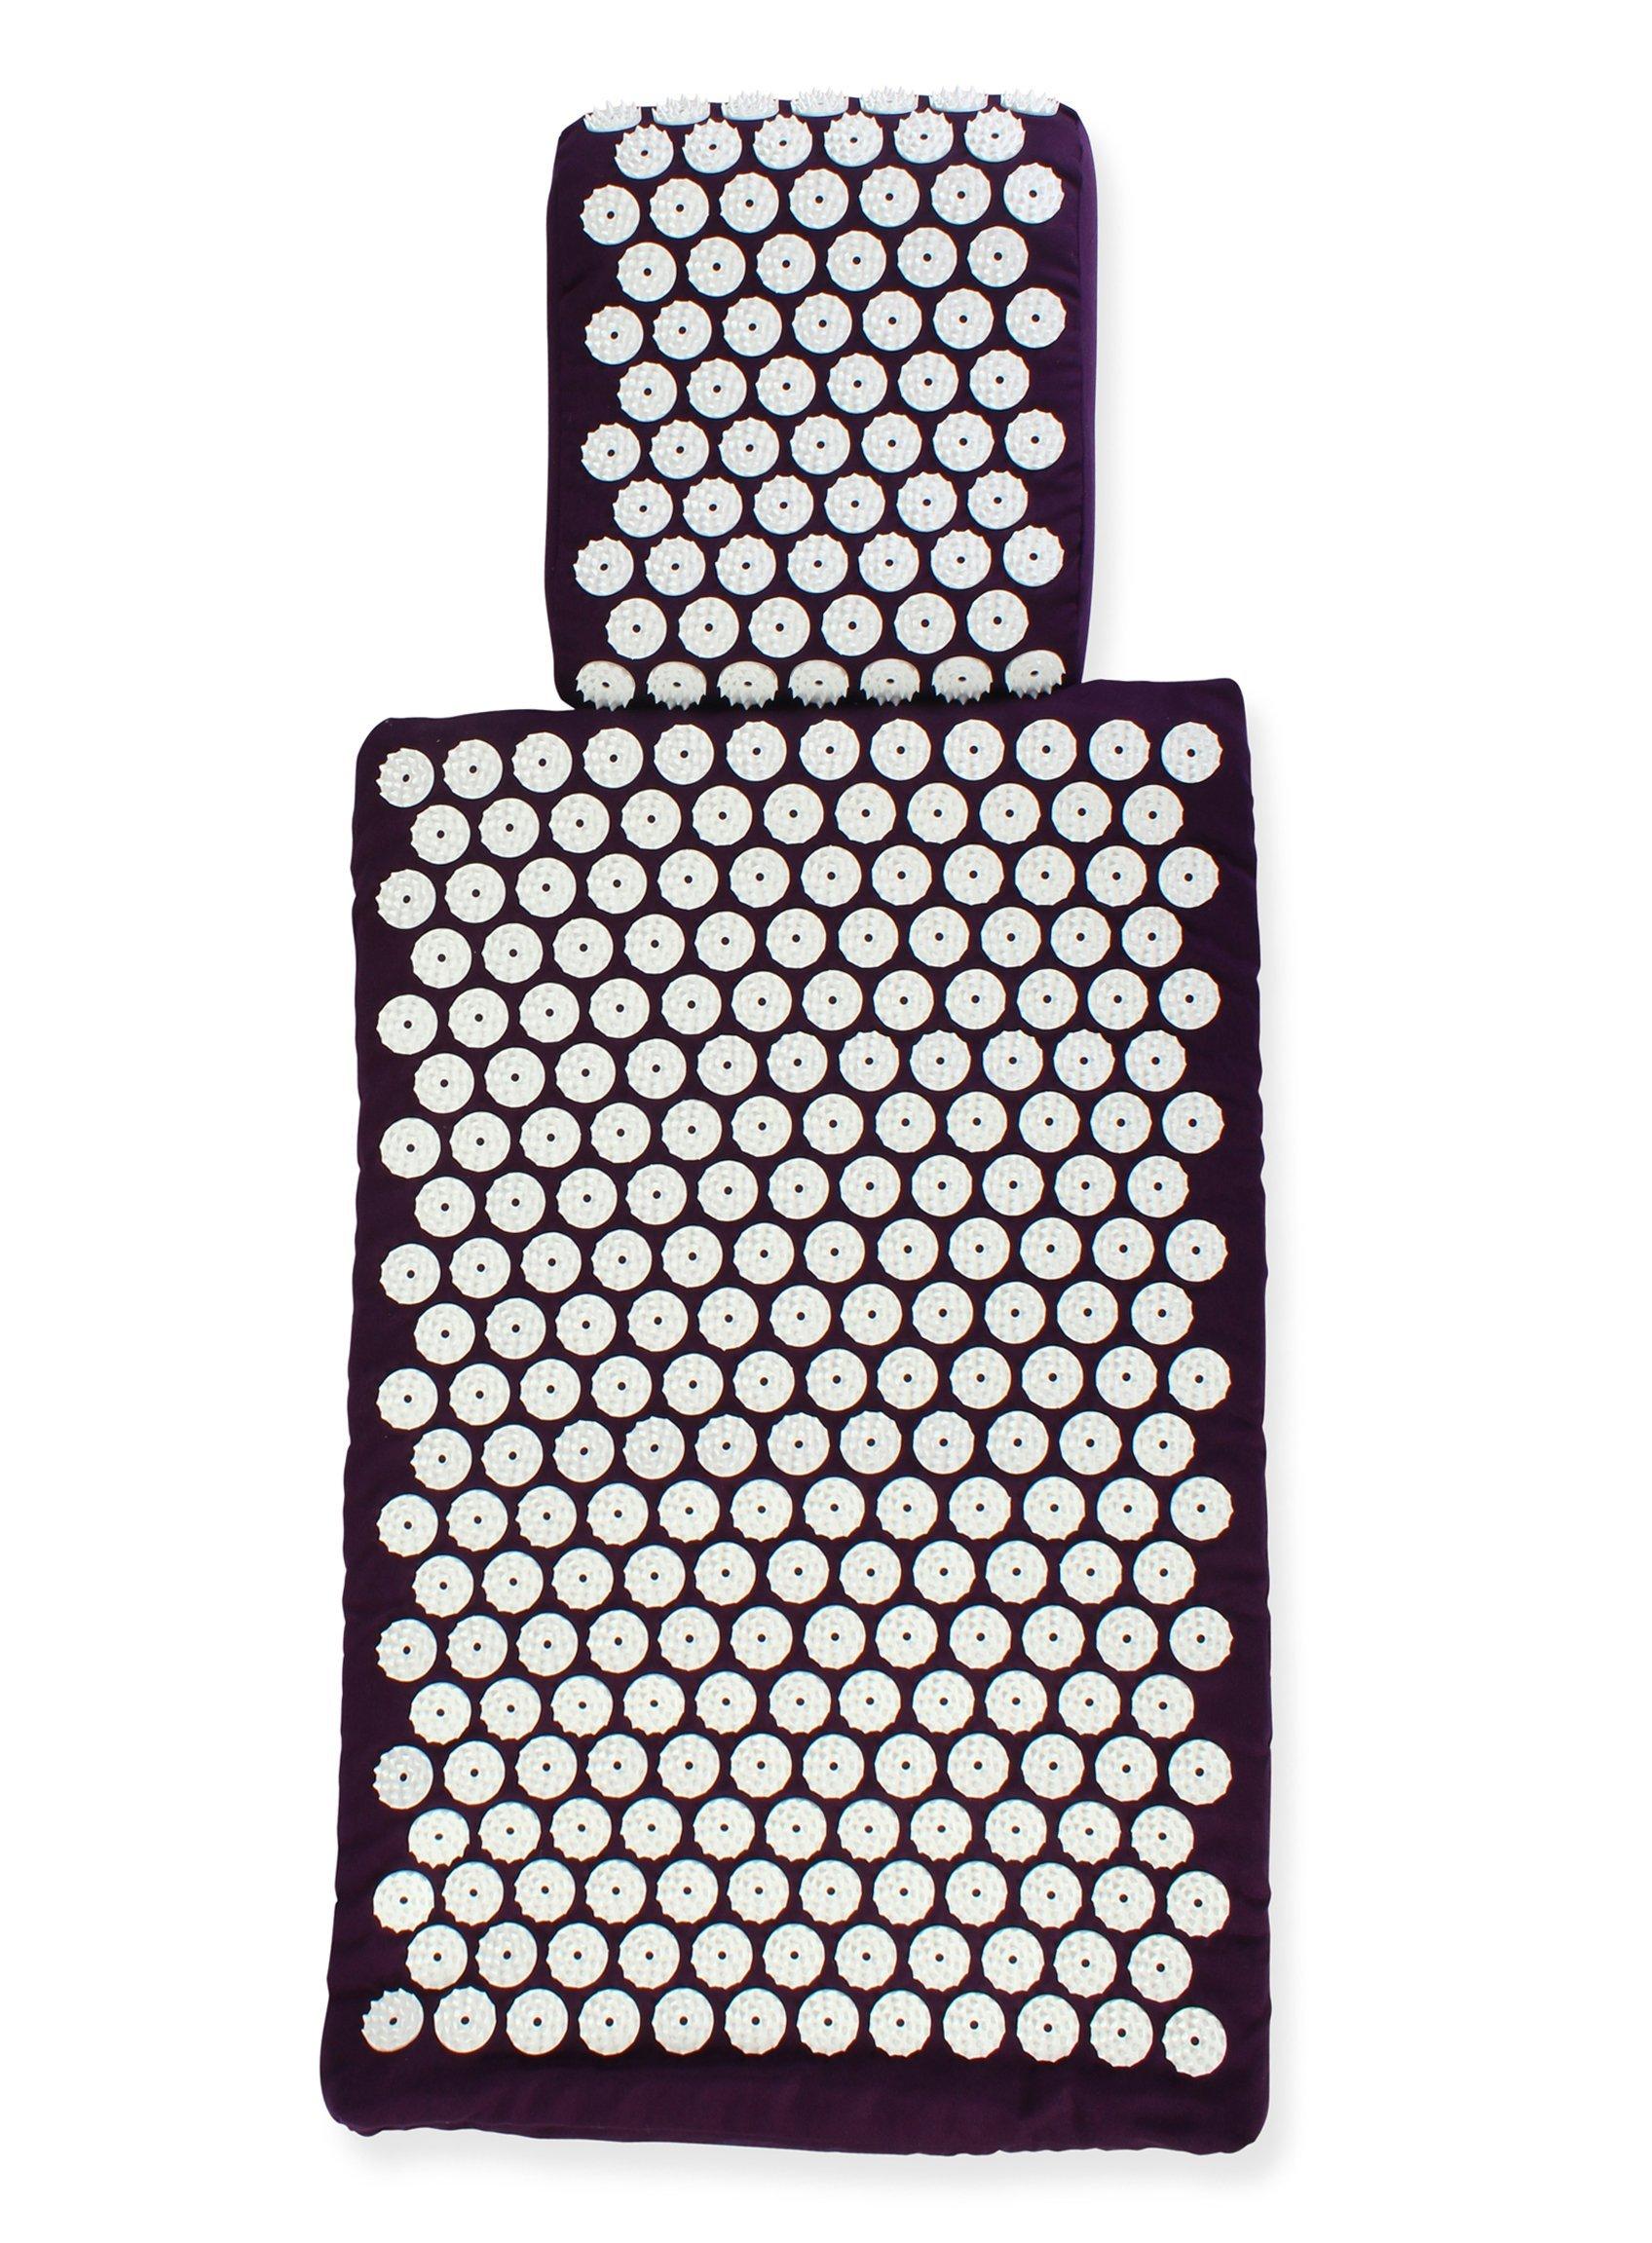 White Lotus Kit d'acupression - tapis et oreiller - la 1re place des meilleurs sur Vergleich.org 2017- Les seuls oreillers et tapis fabriqués en Europe avec mousse à mémoire de forme, hypoallergénique product image